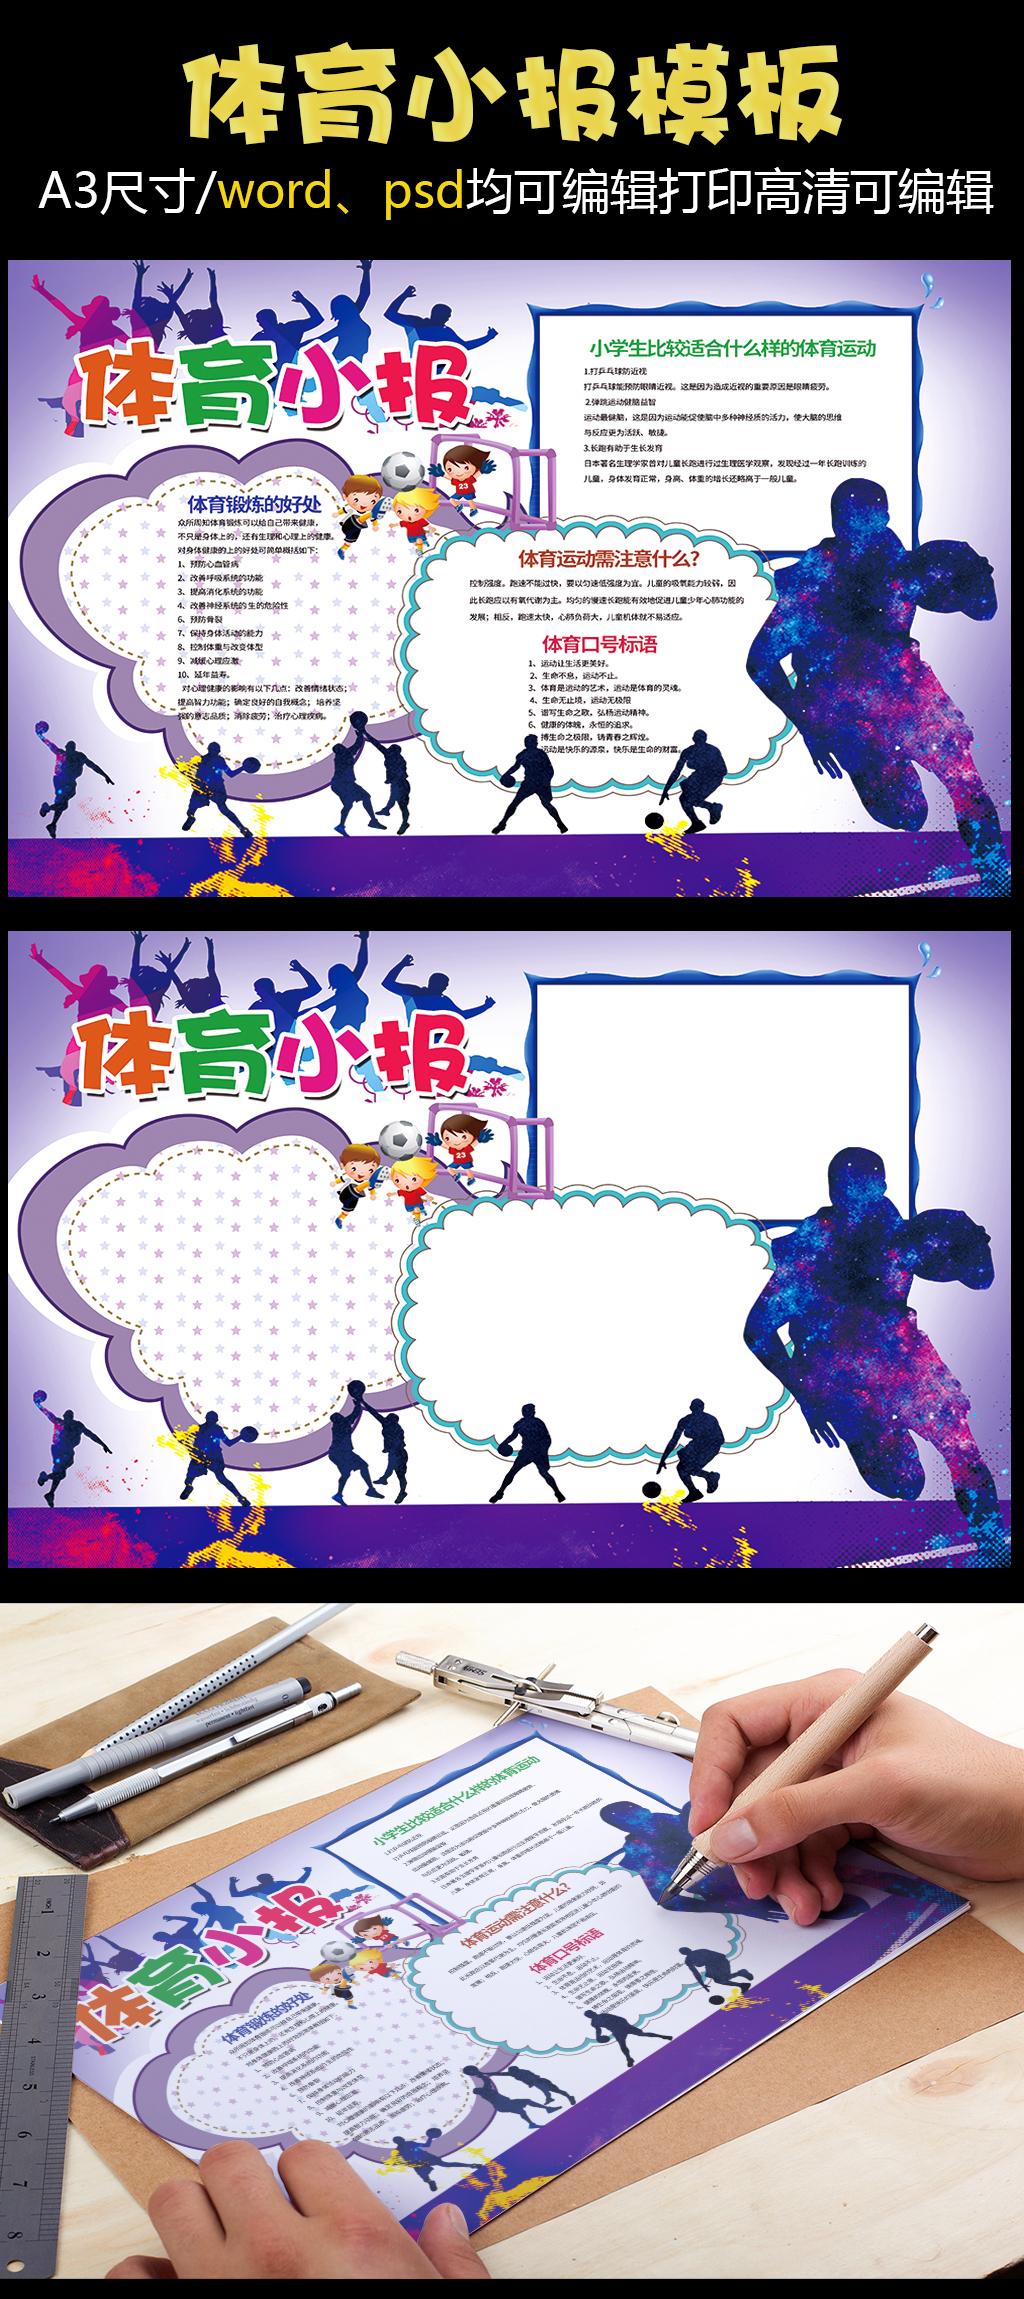 体育小报运动环保读书小报模板图片设计素材_高清psd图片